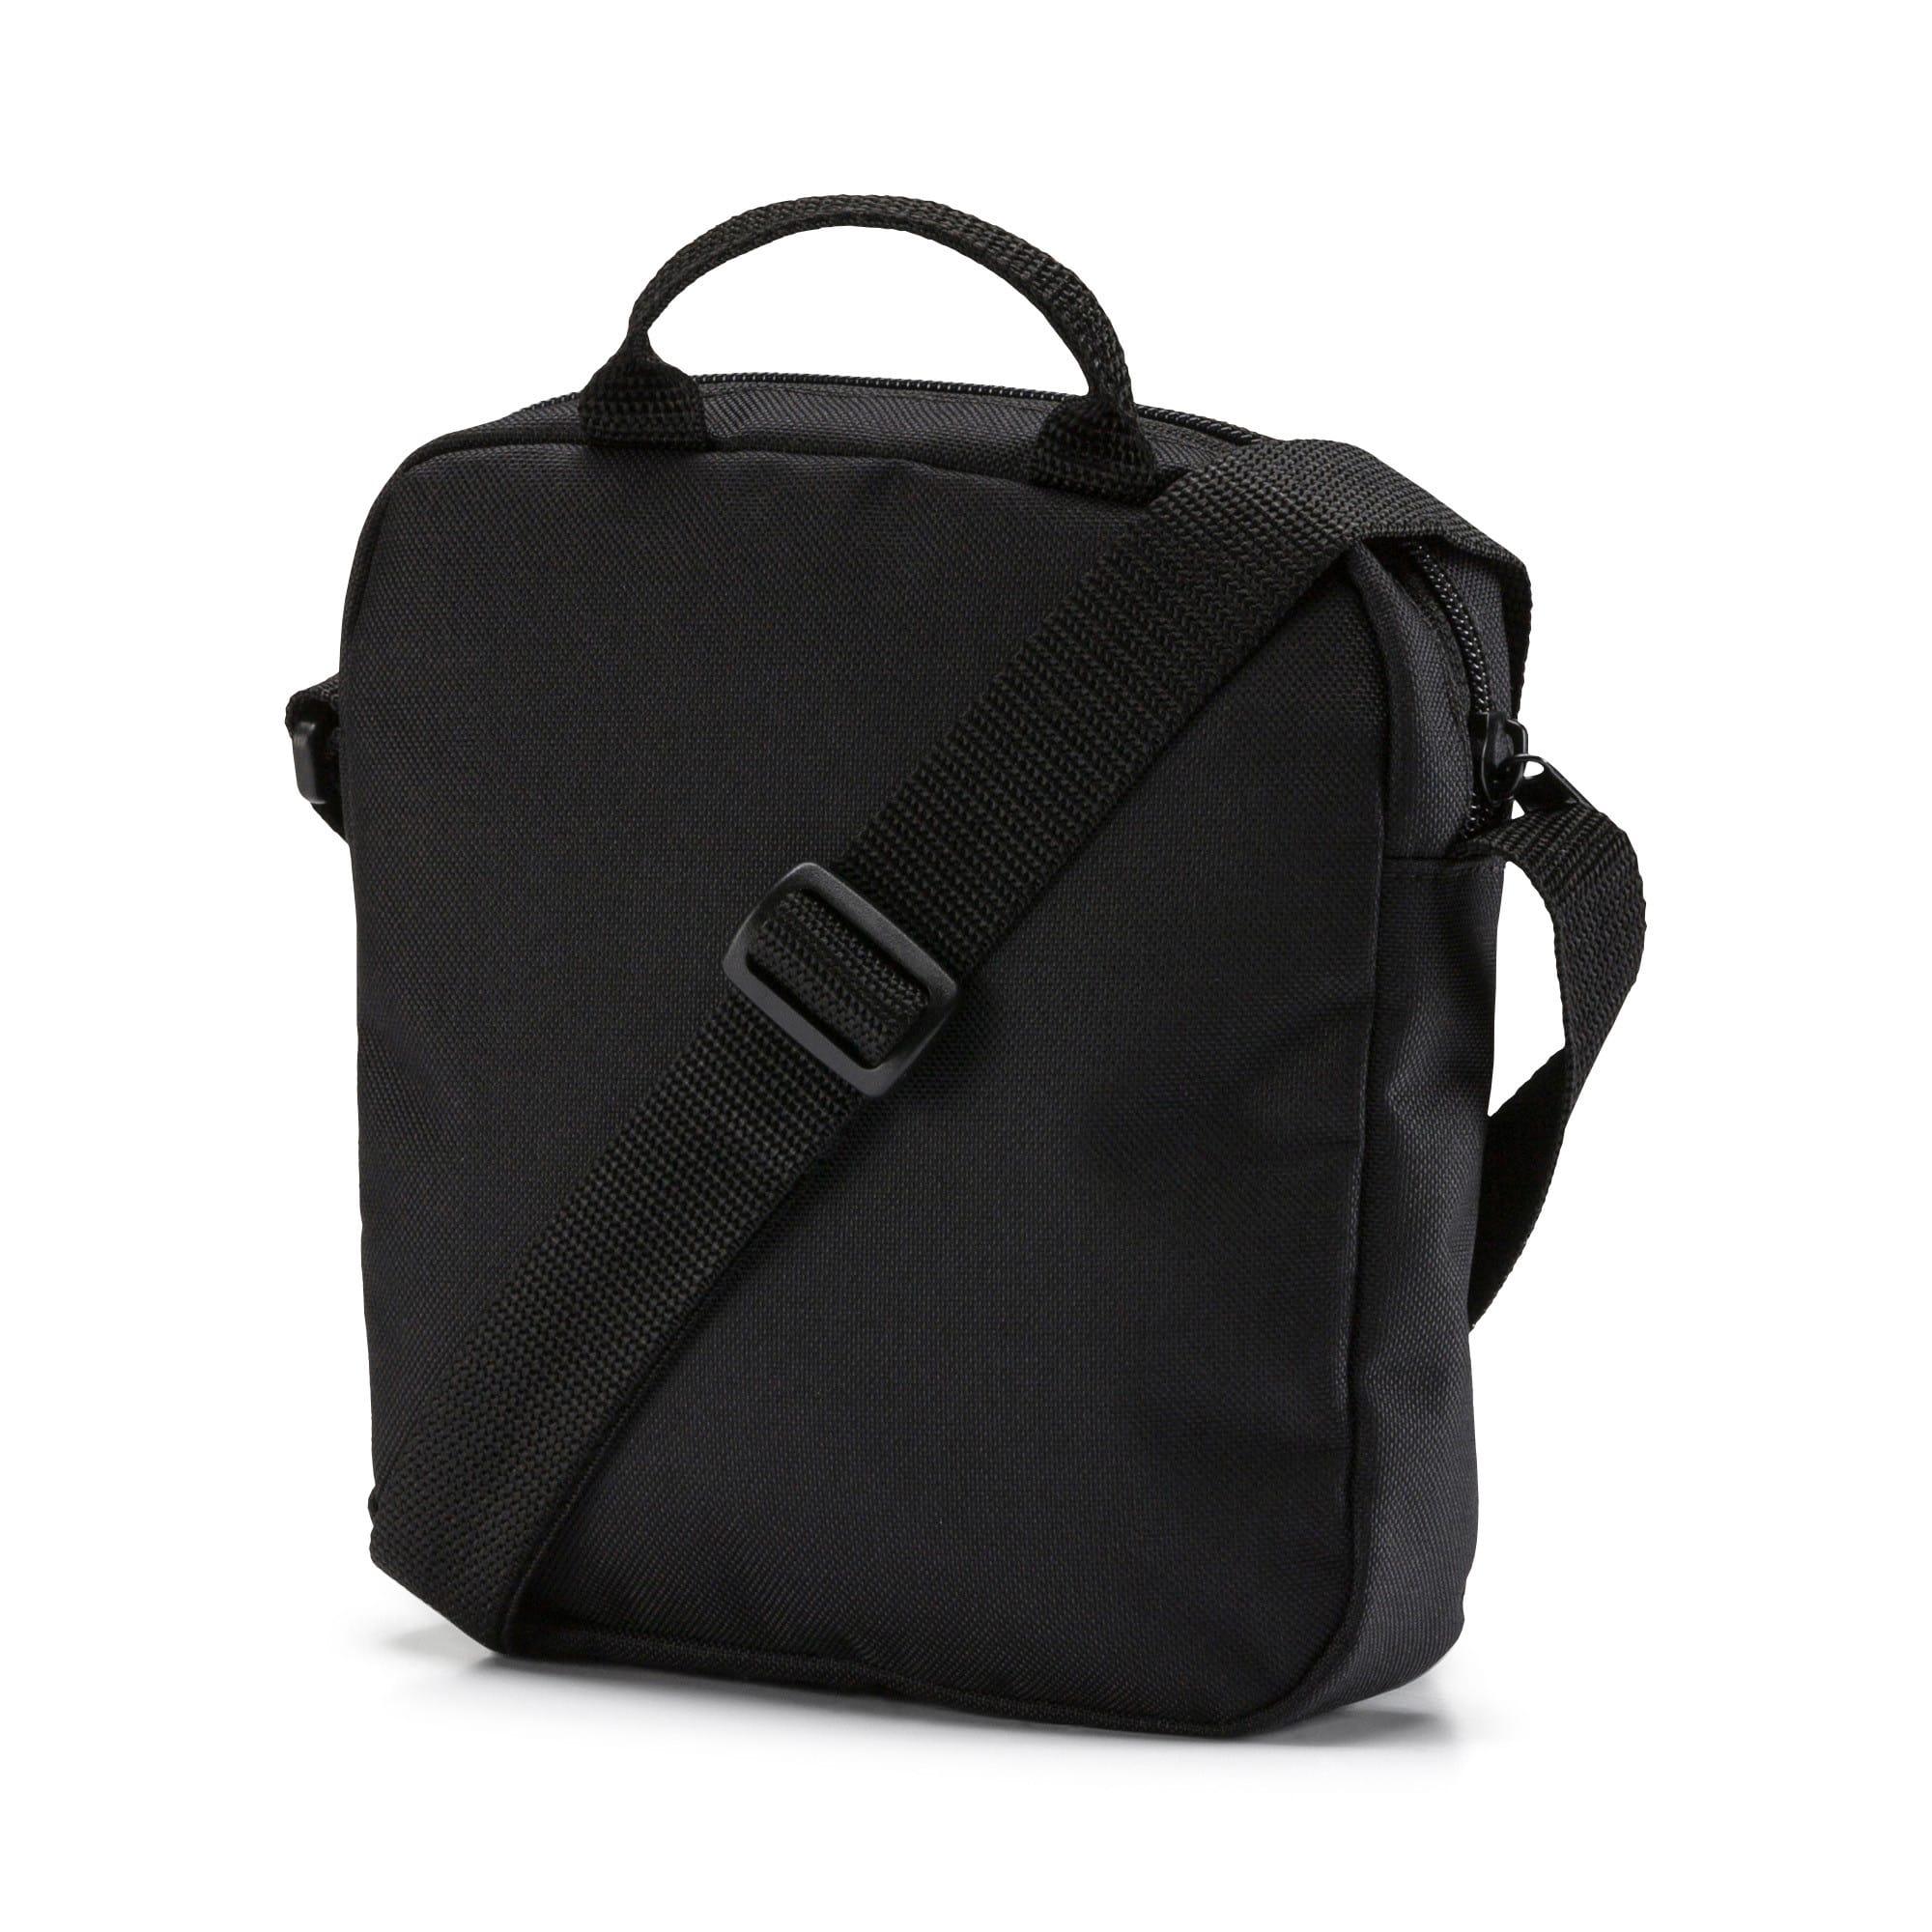 Thumbnail 2 of Plus Portable II Shoulder Bag, Puma Black, medium-IND